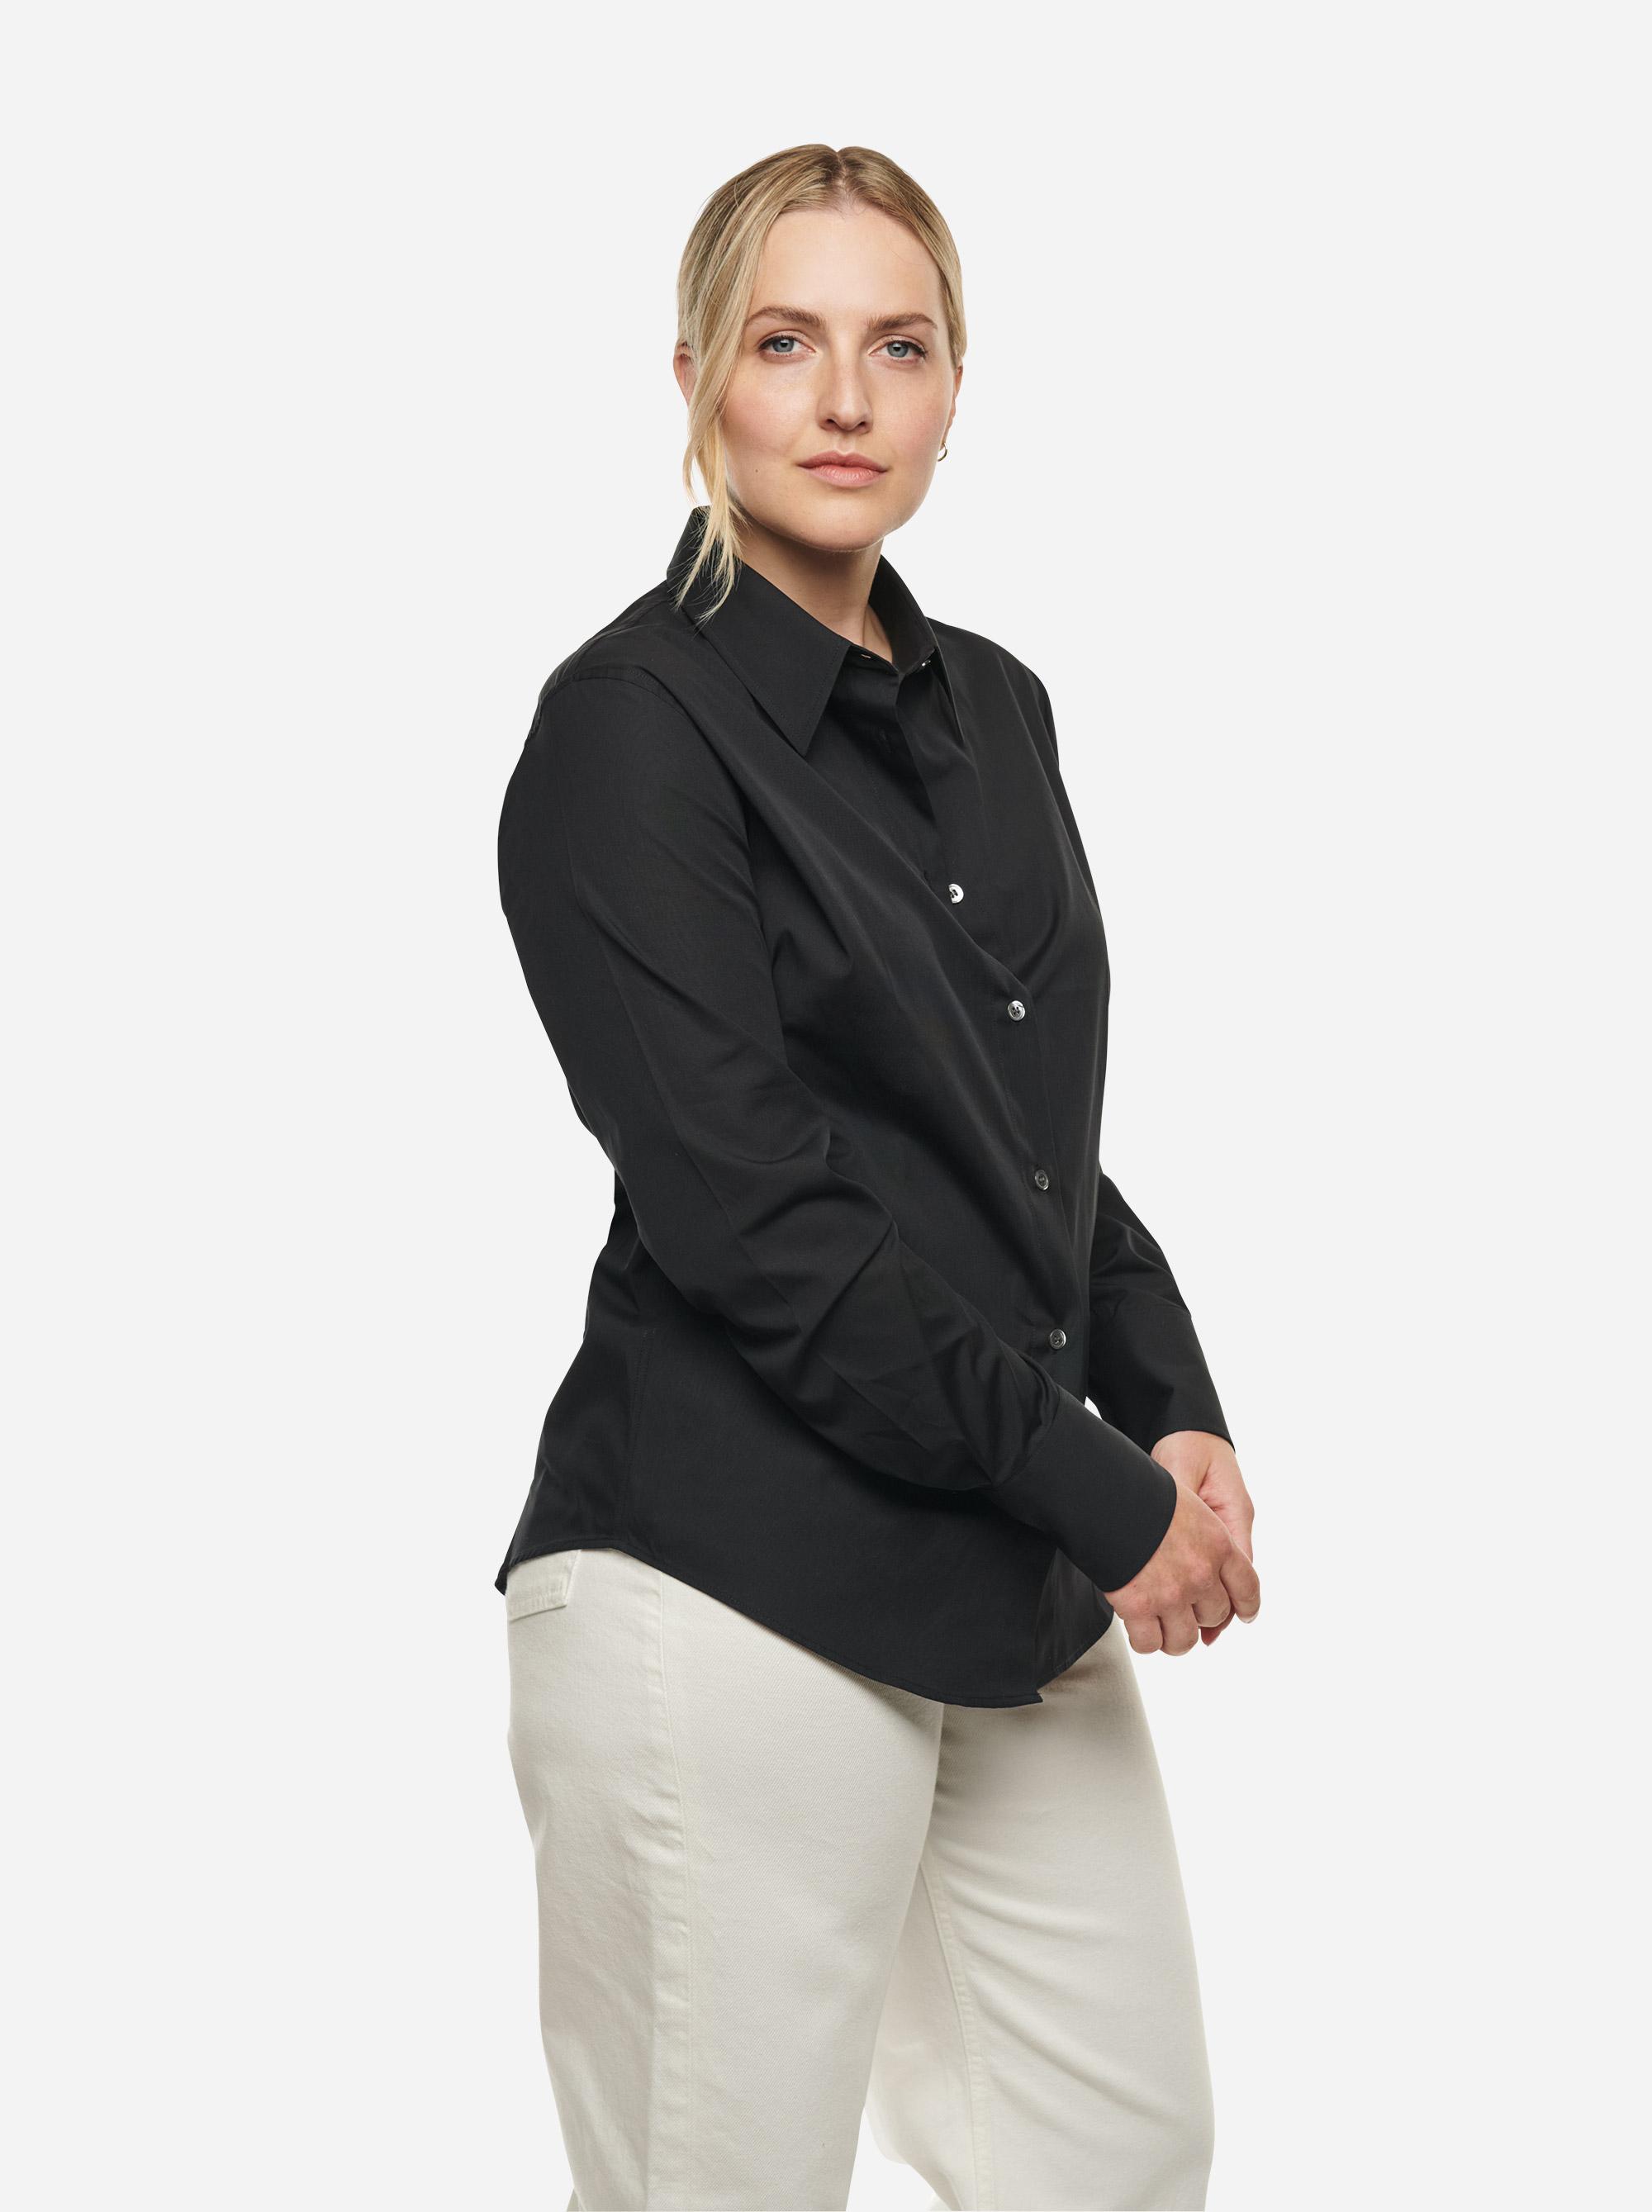 Teym-Shirt-Black-mens-5